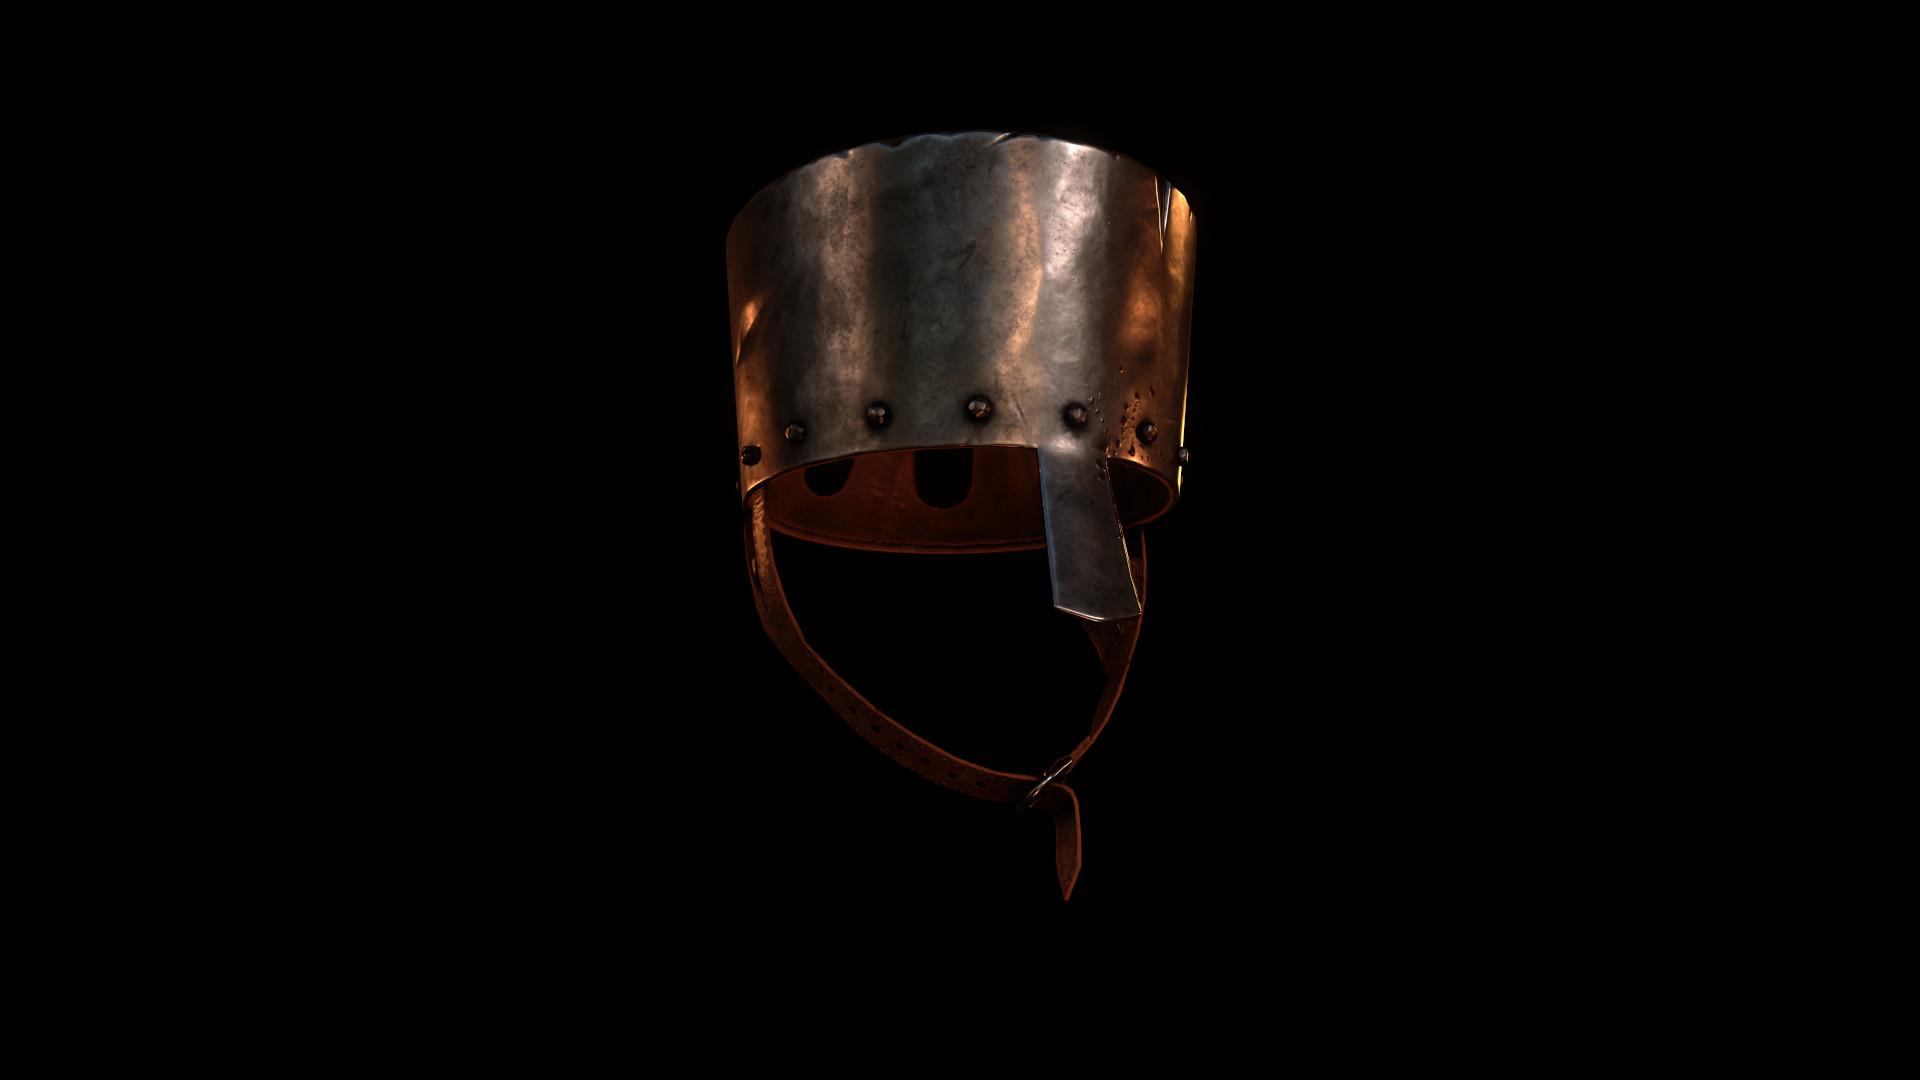 Béla Csampai - Templar Enclosed Helmet